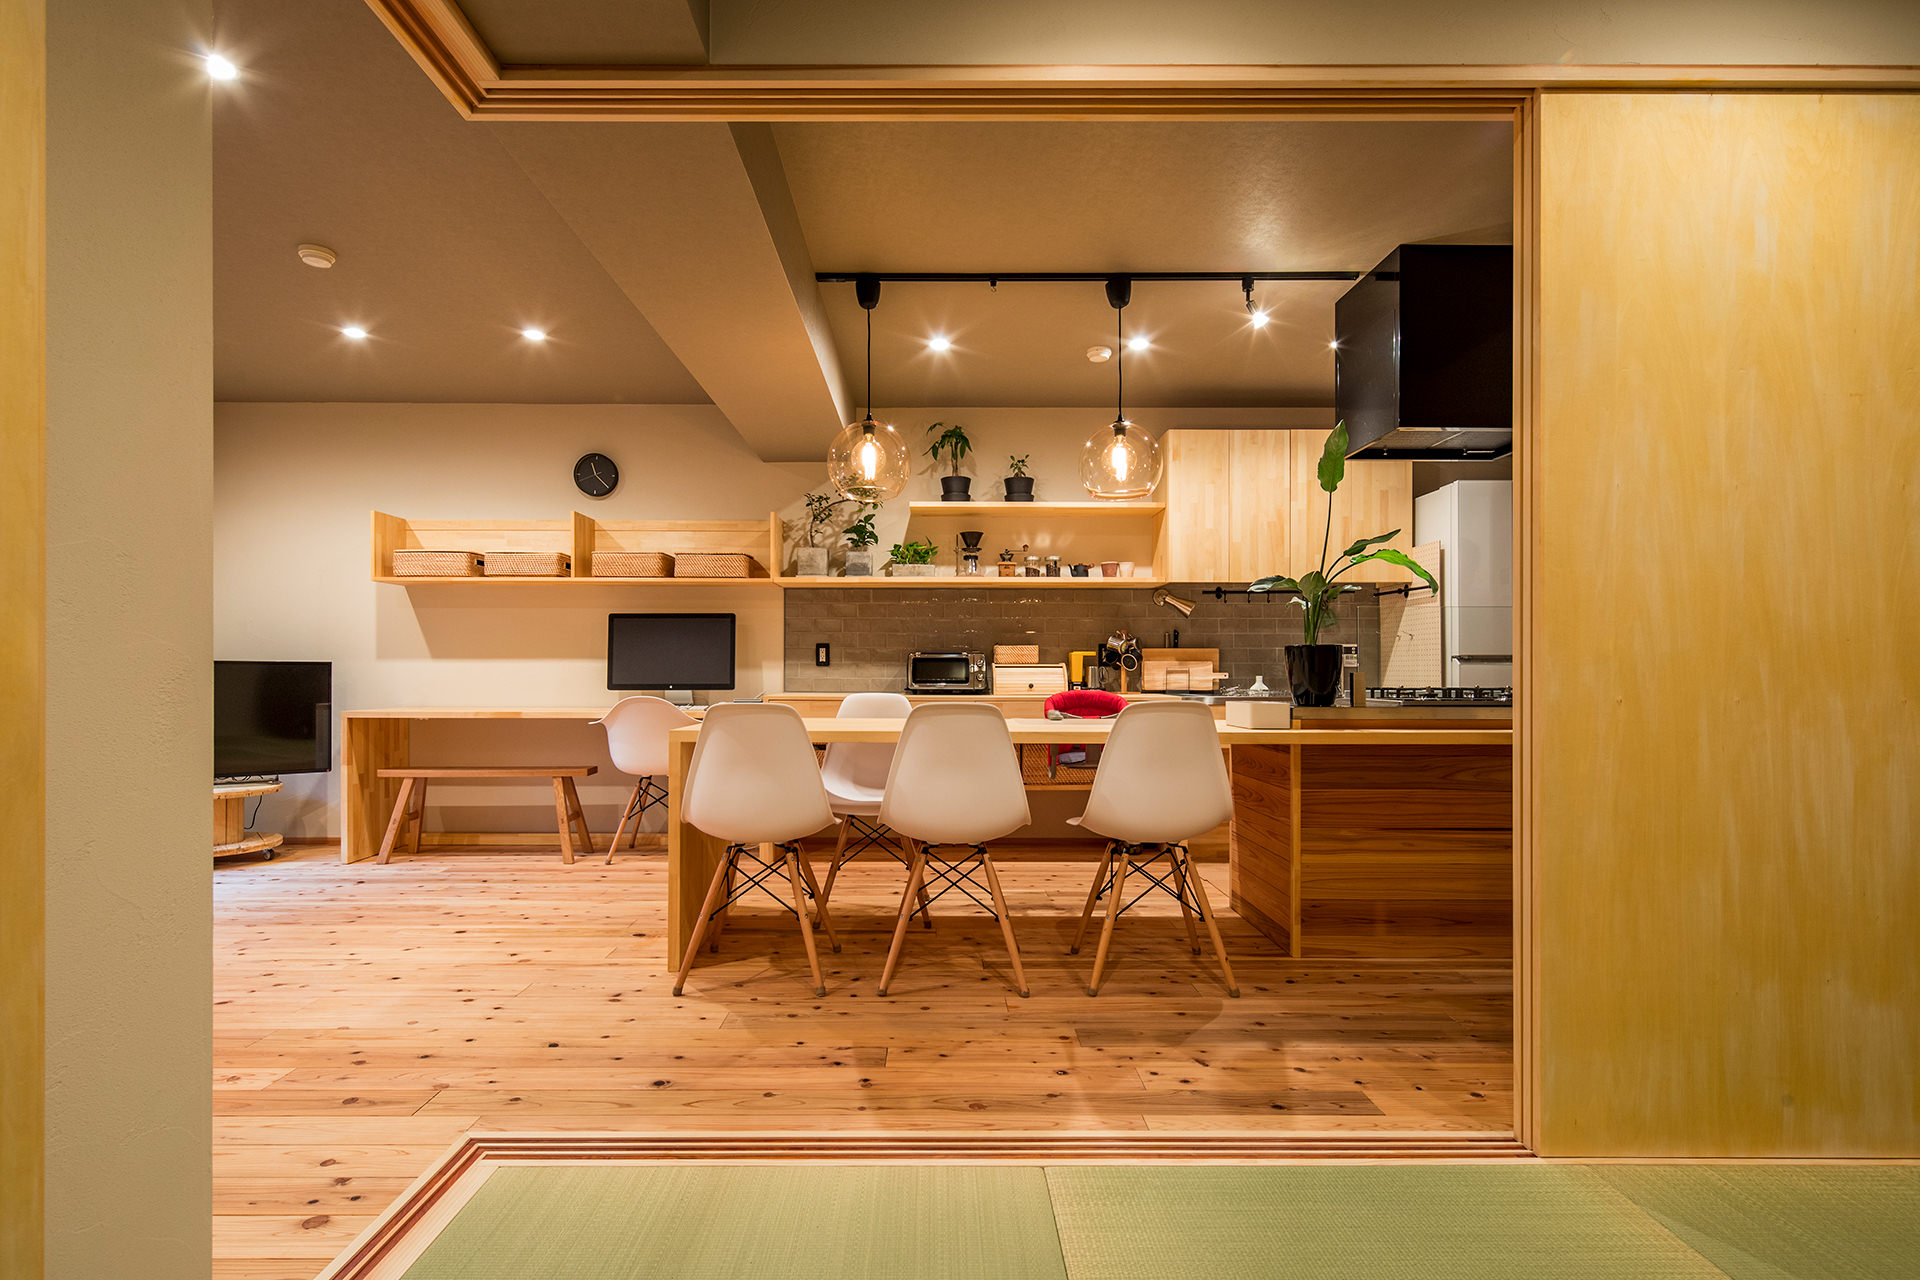 「アイランドキッチンと広々LDKの暮らしを愉しむ家」イメージ05 撮影:東涌宏和